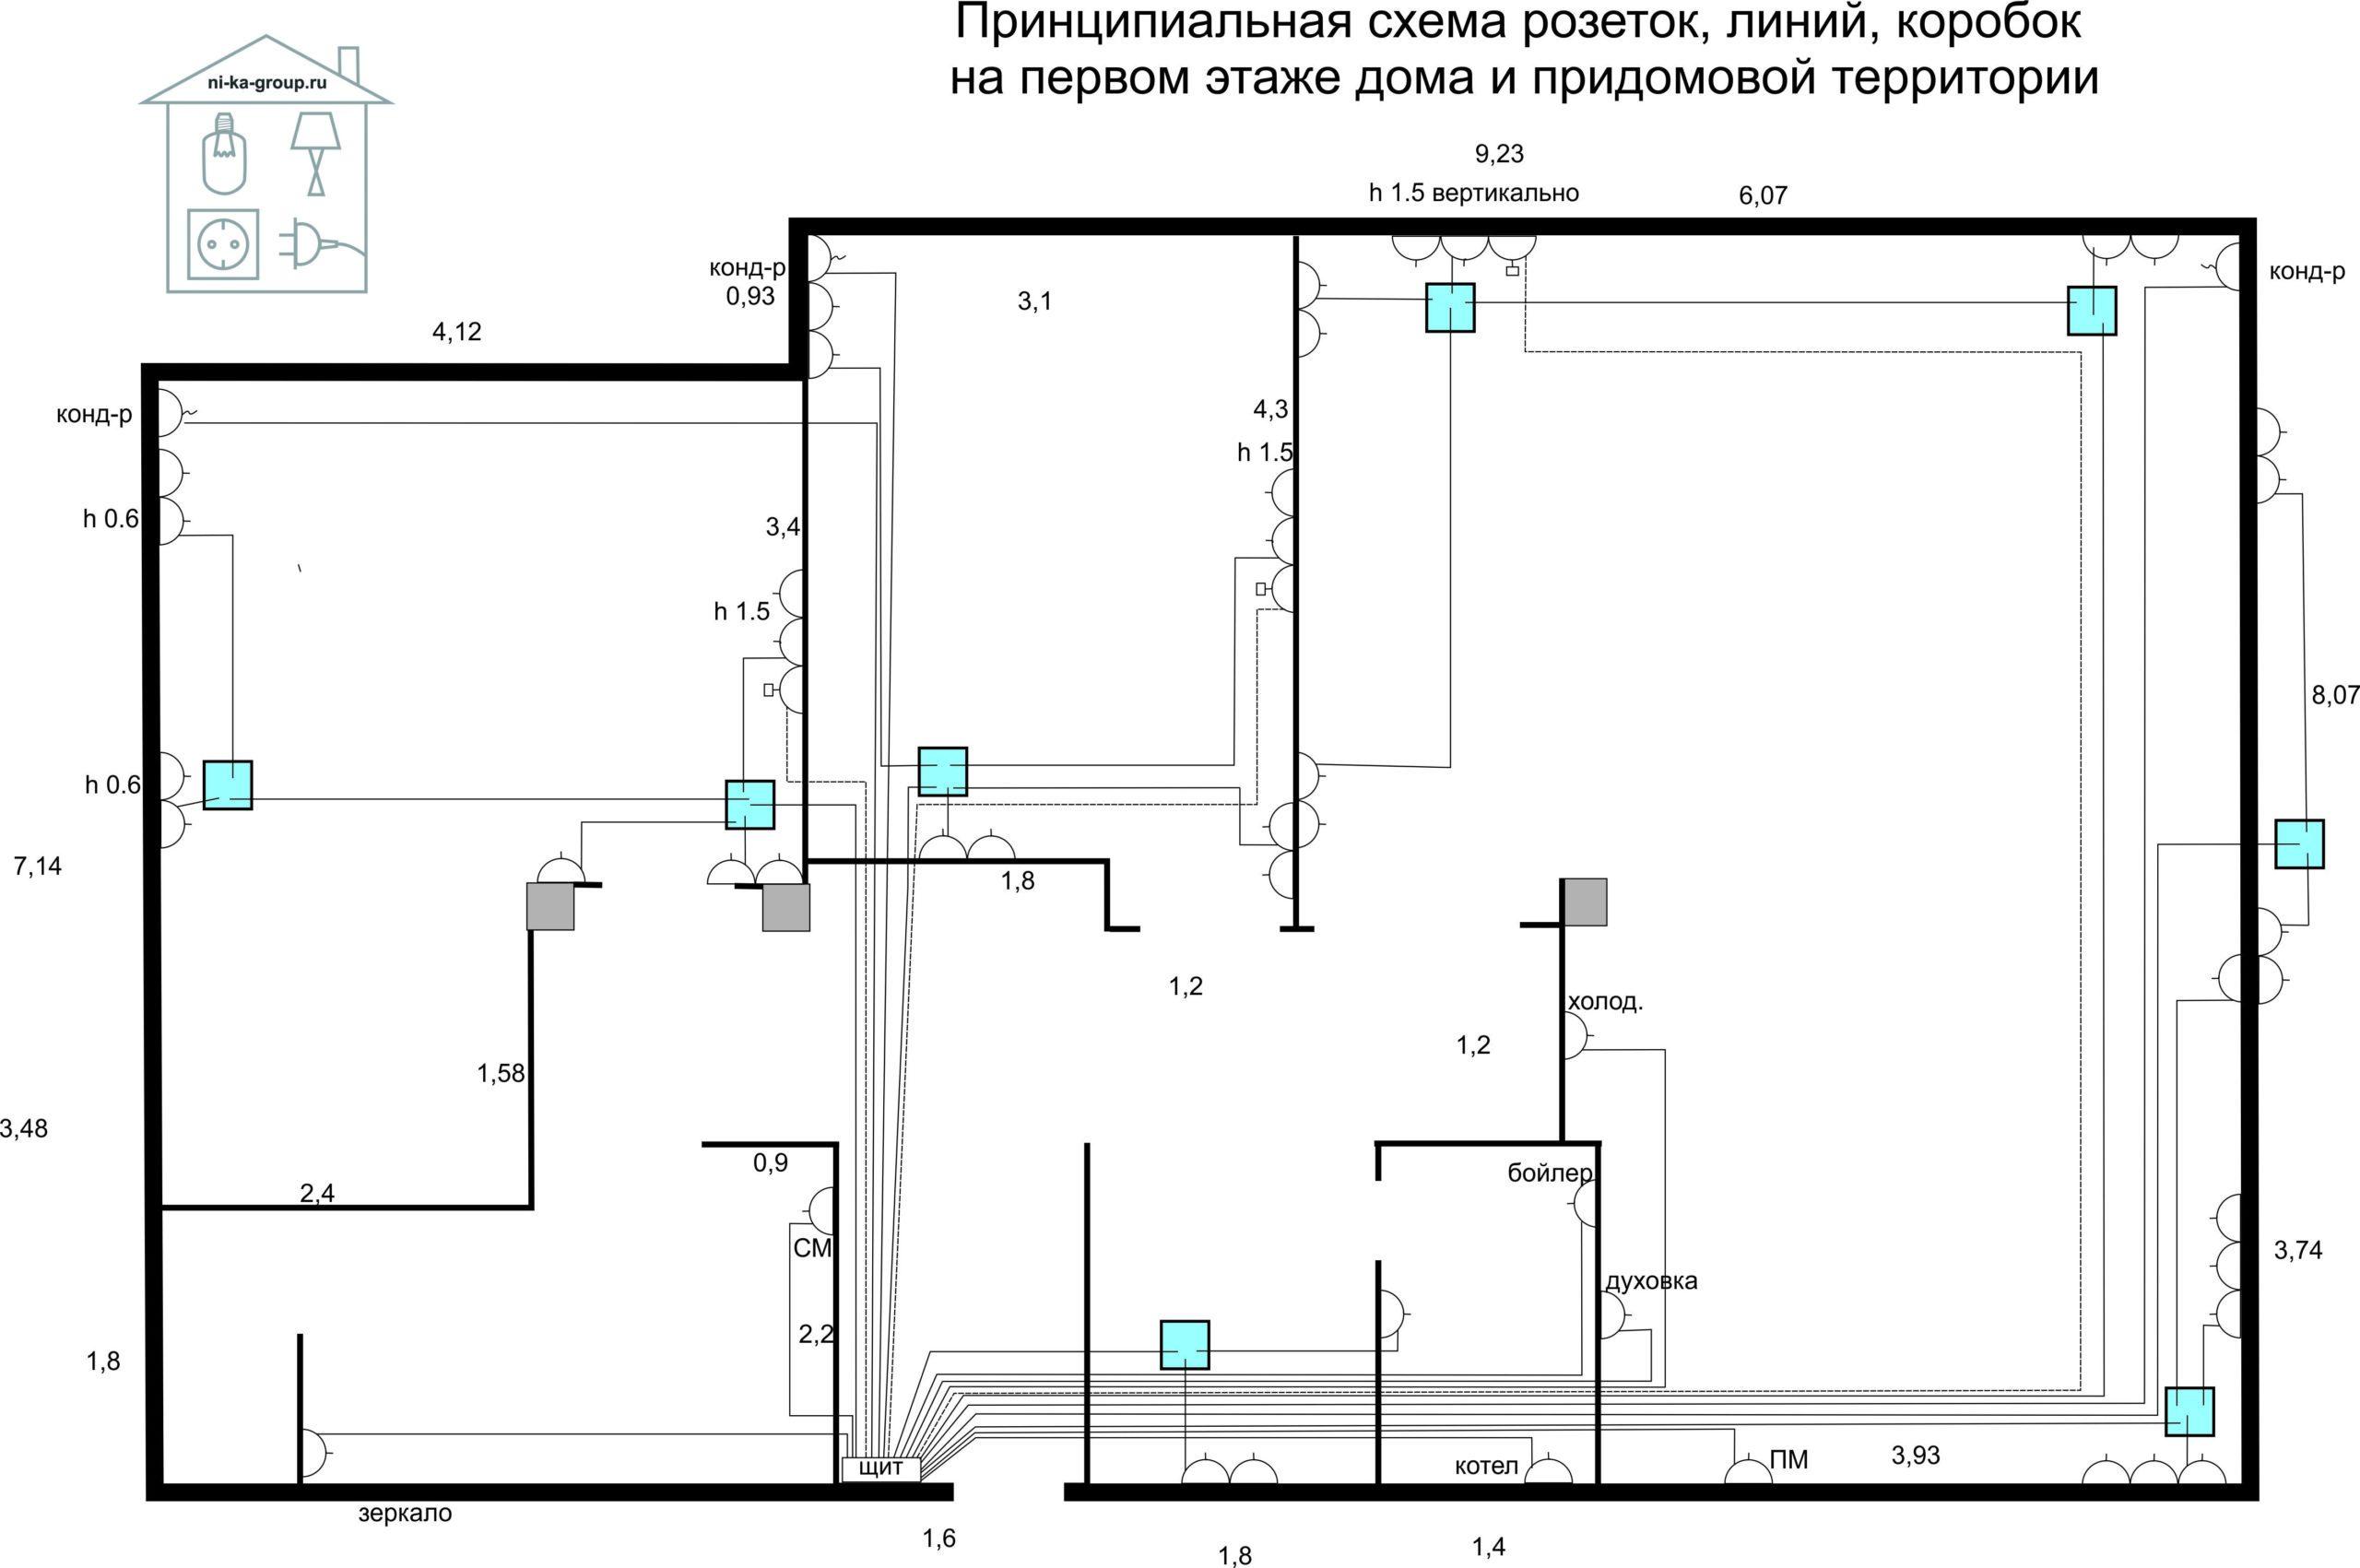 Принципиальная схема розеток, распаячных коробок, электрических линий в доме